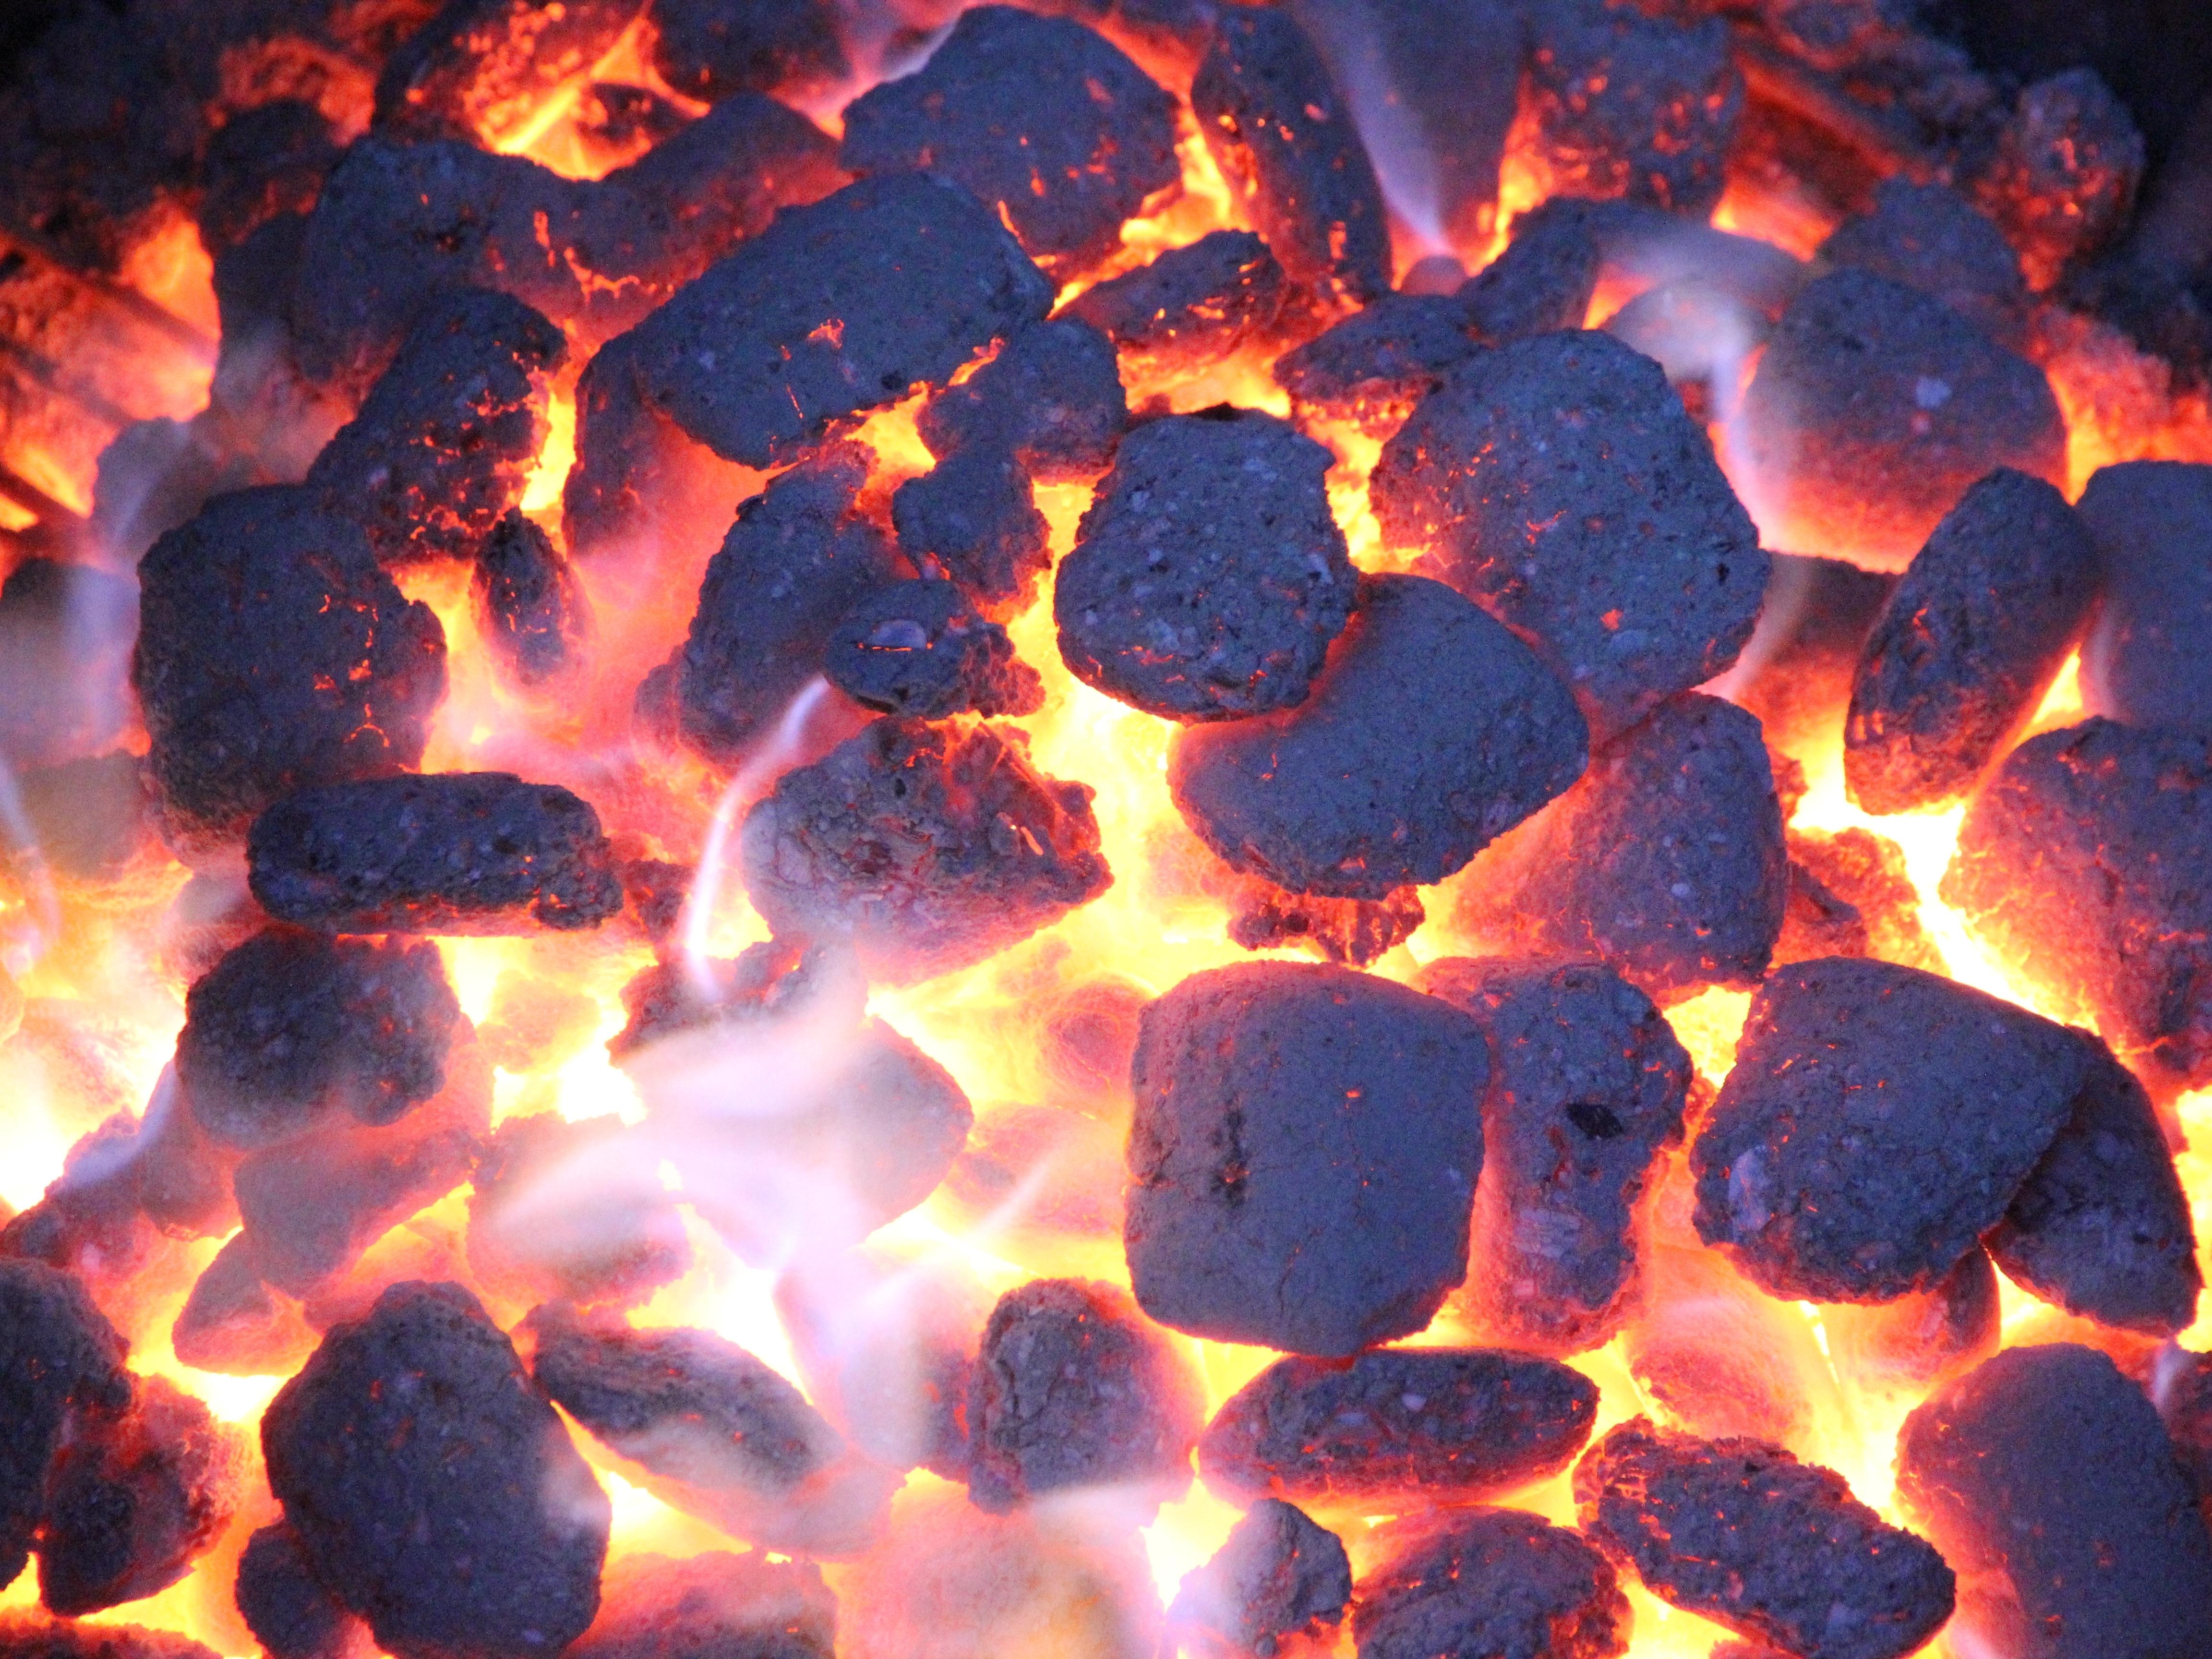 Weber Elektrogrill Lagerhaus : Weber grill u griller für profis lagerhaus waidhofen an der